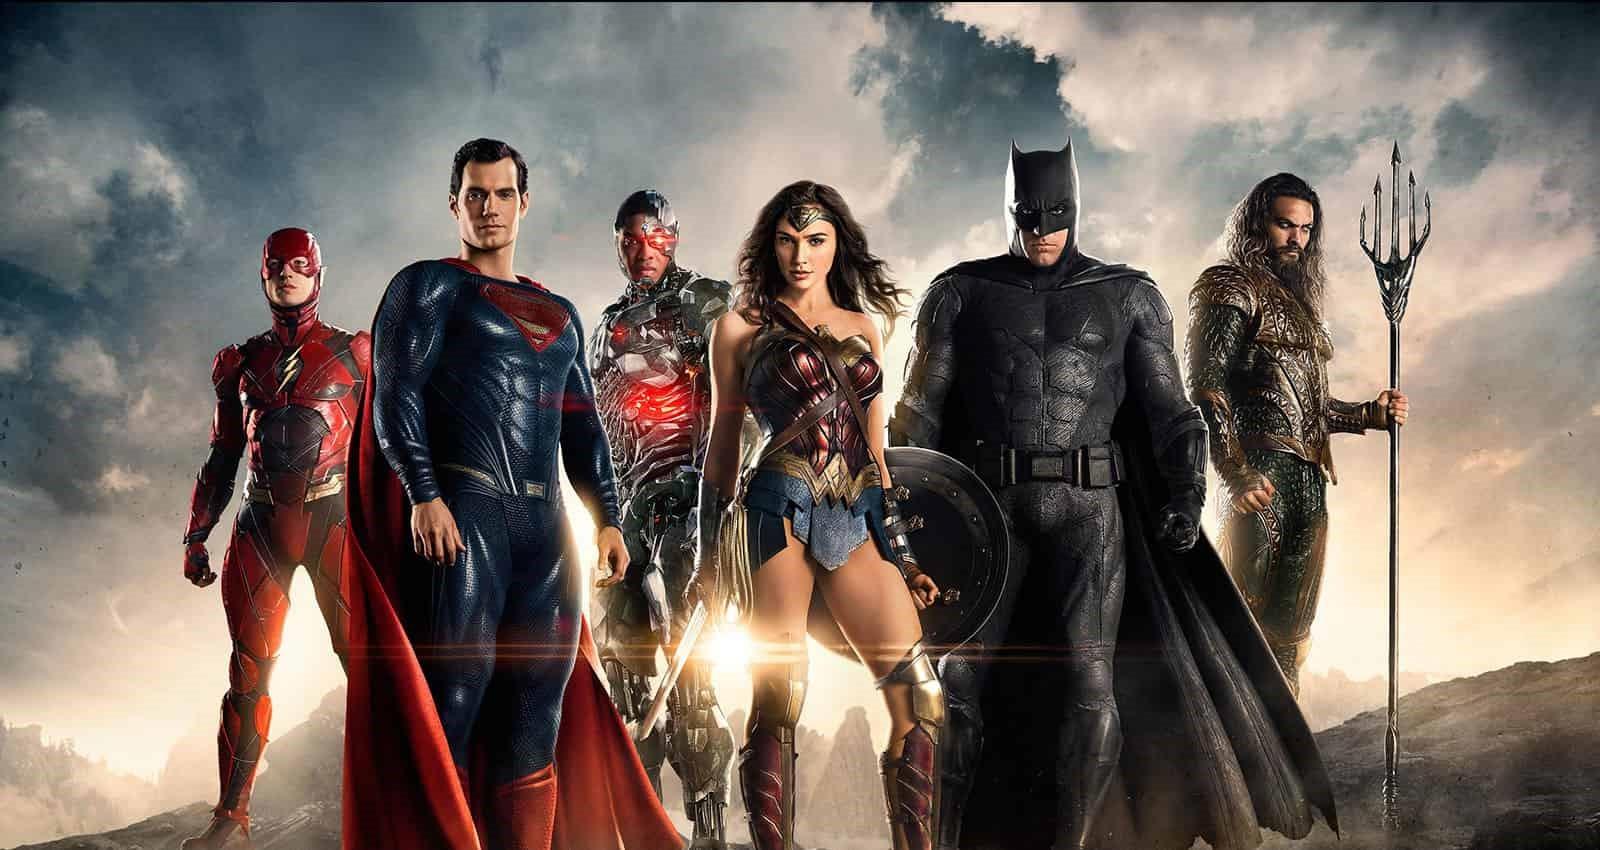 Bild från filmen Justice League.